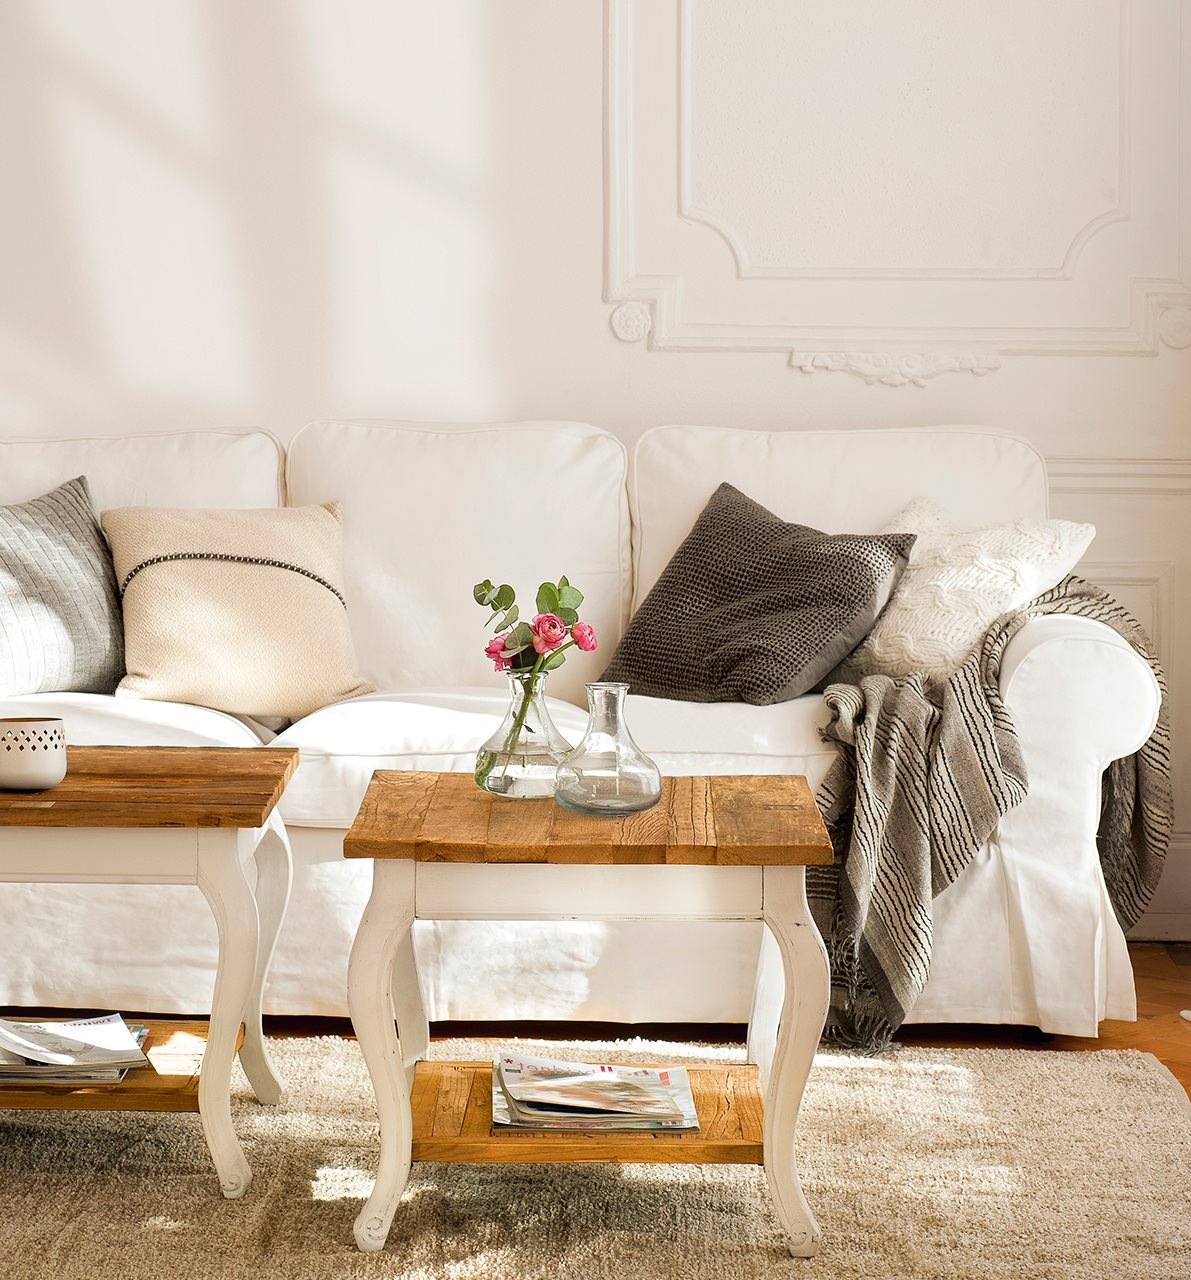 Retapizar muebles: ¿Vale la pena?